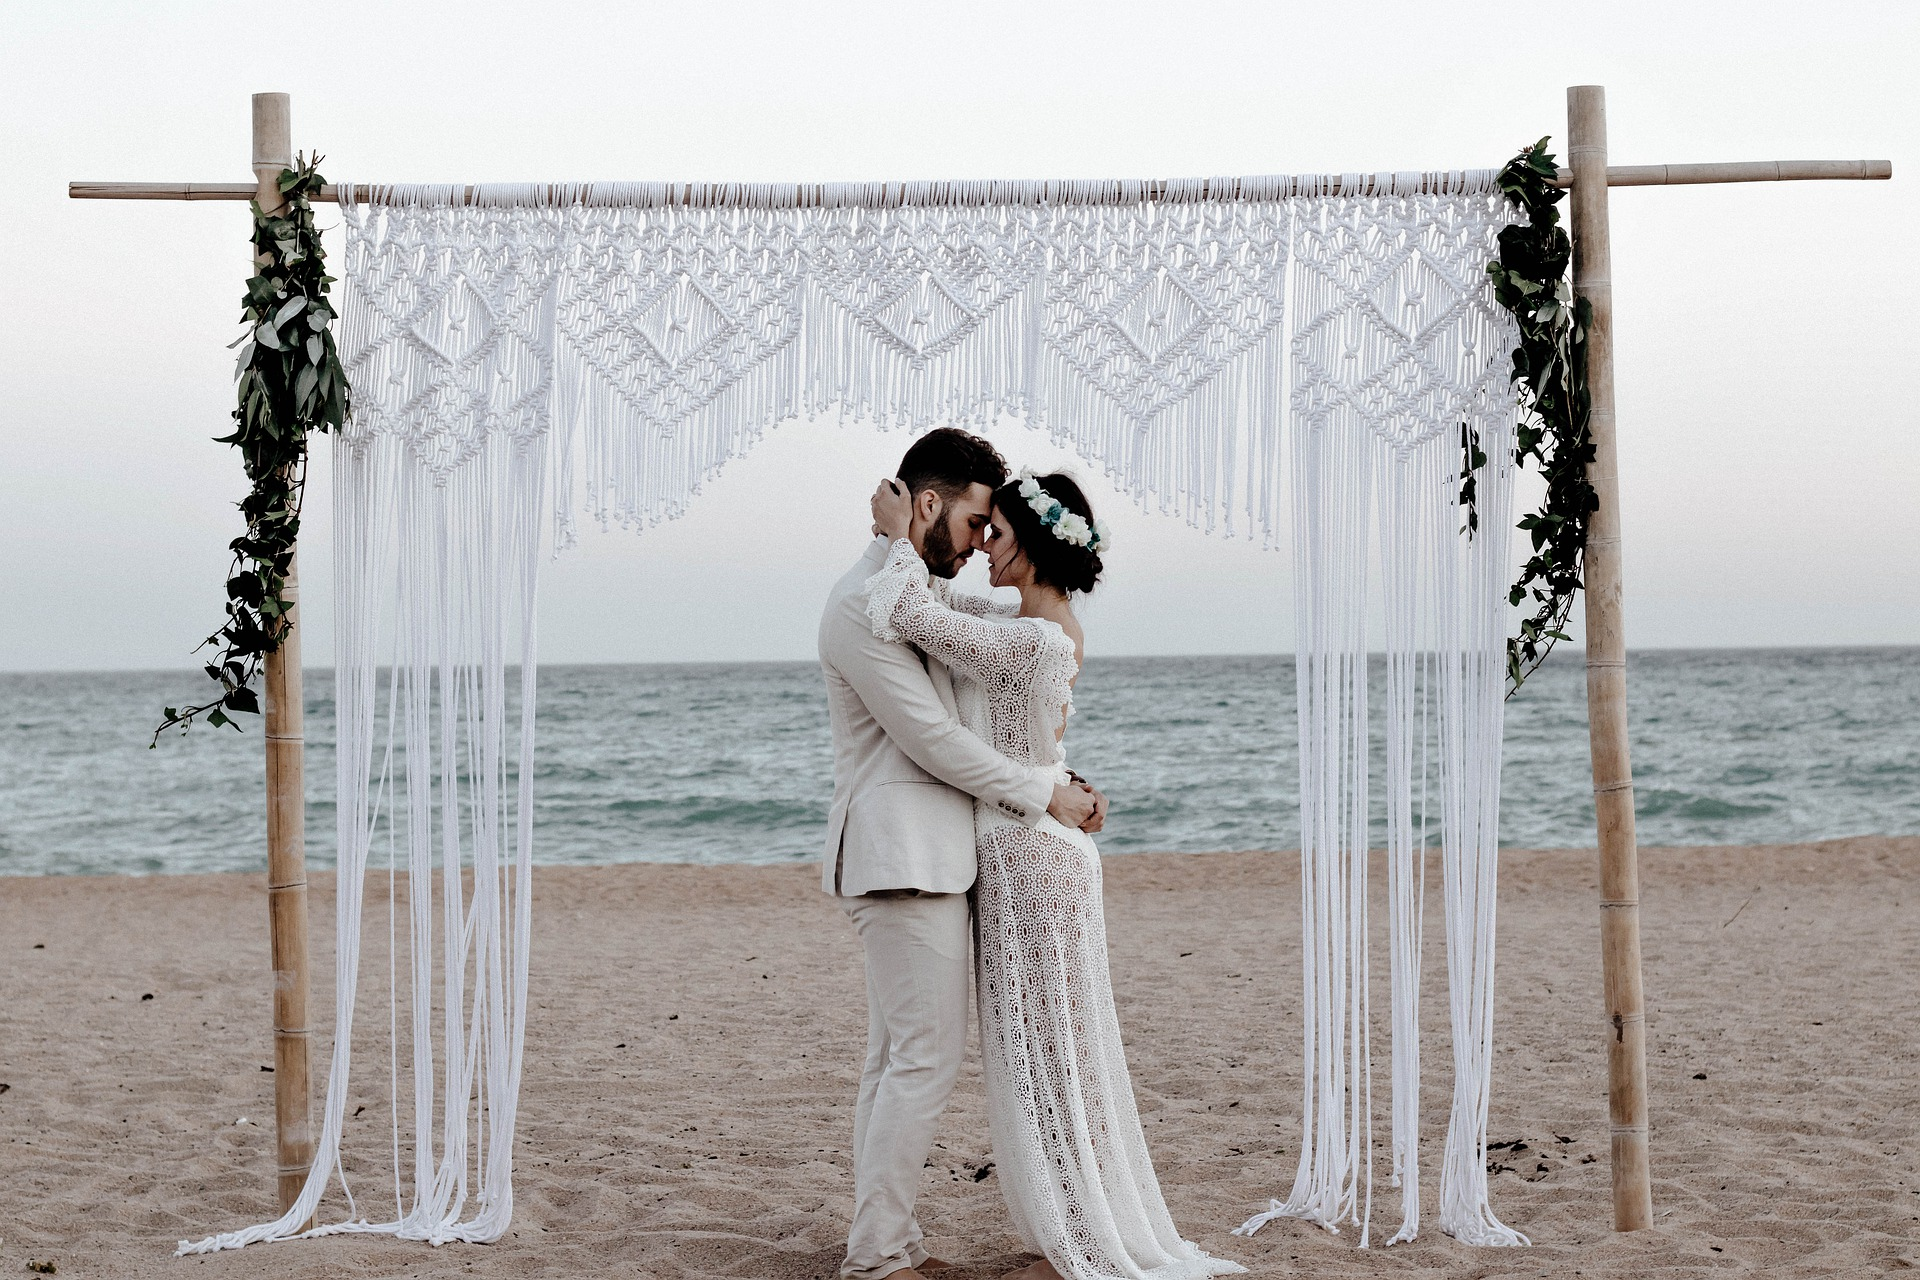 Zauberer Fur Hochzeit Hochzeitszauberer Buchen Zauberkunstler